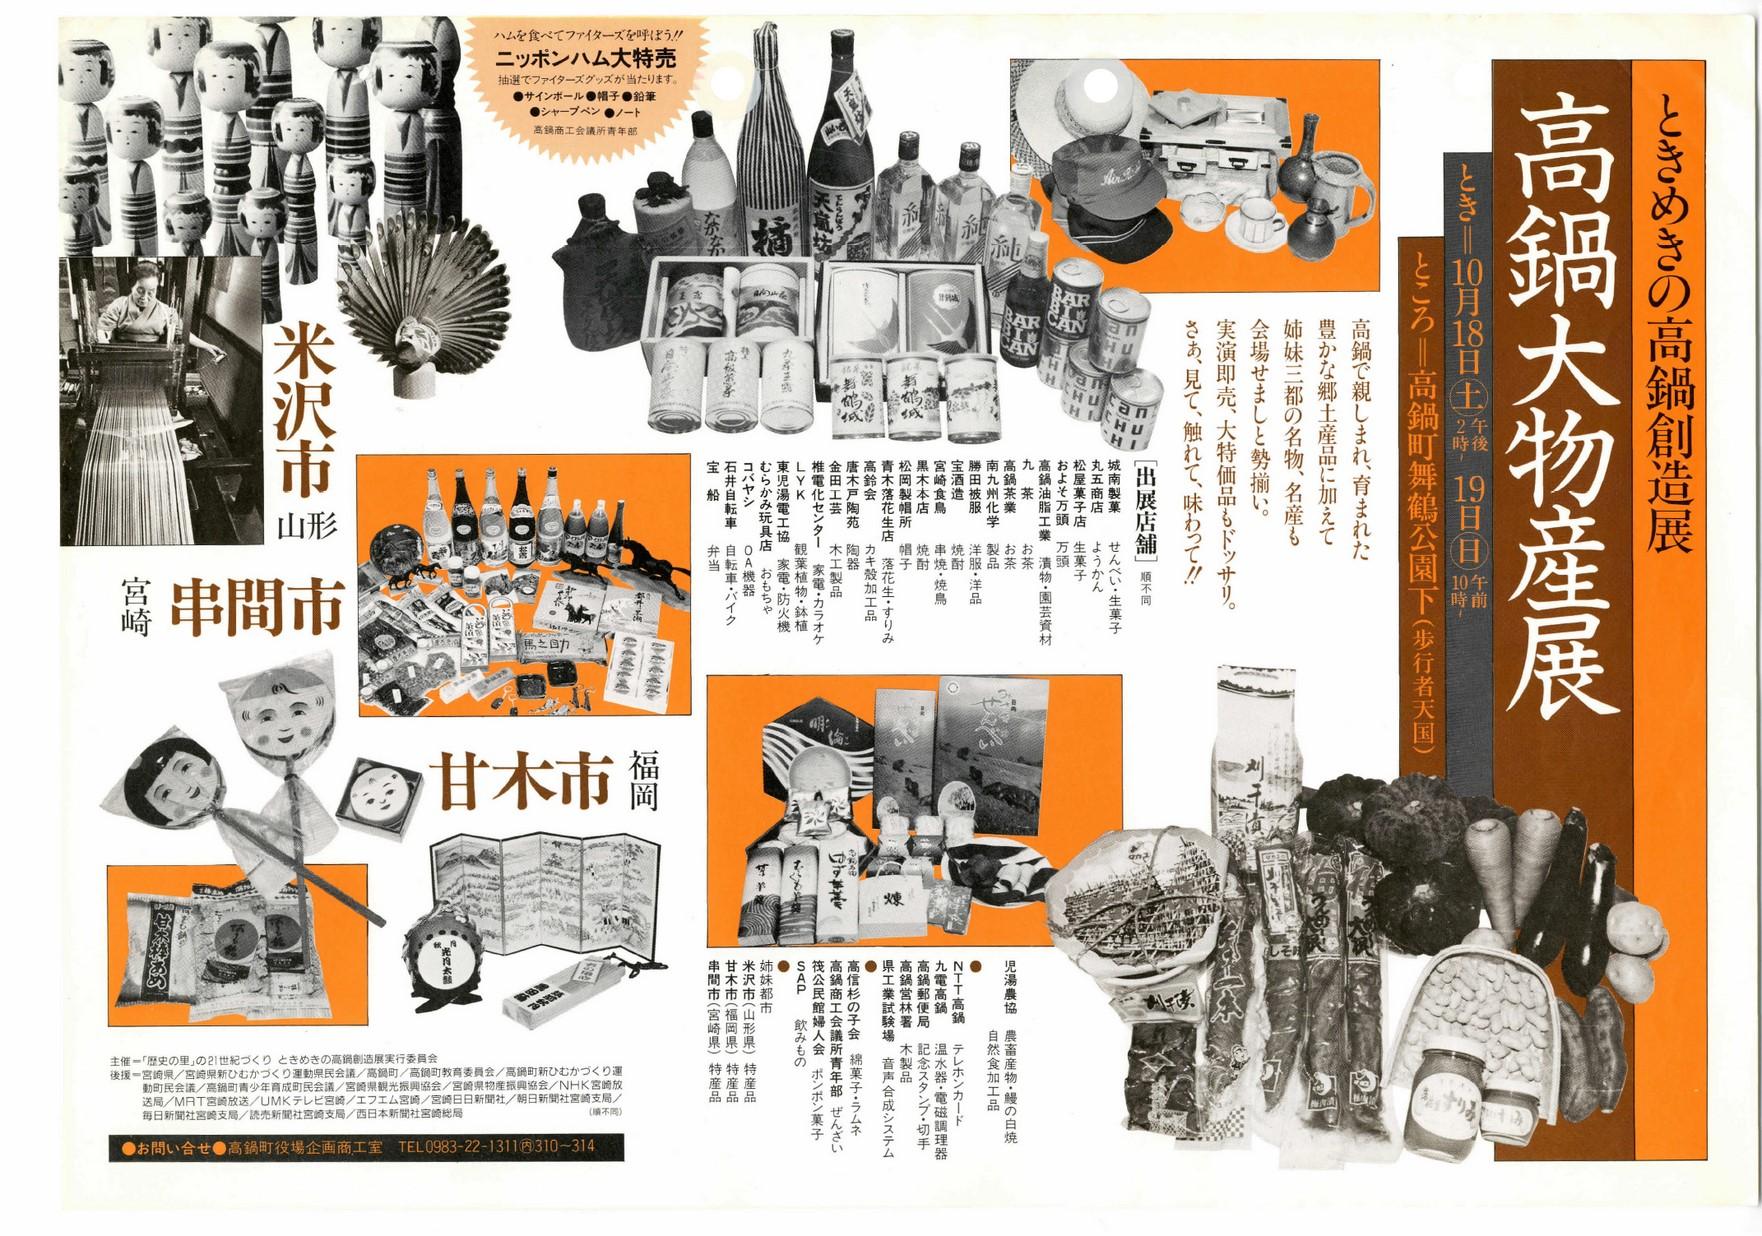 町報たかなべ ときめきの高鍋創造展 高鍋大物産展 特集号 No.1 1986年3月の表紙画像